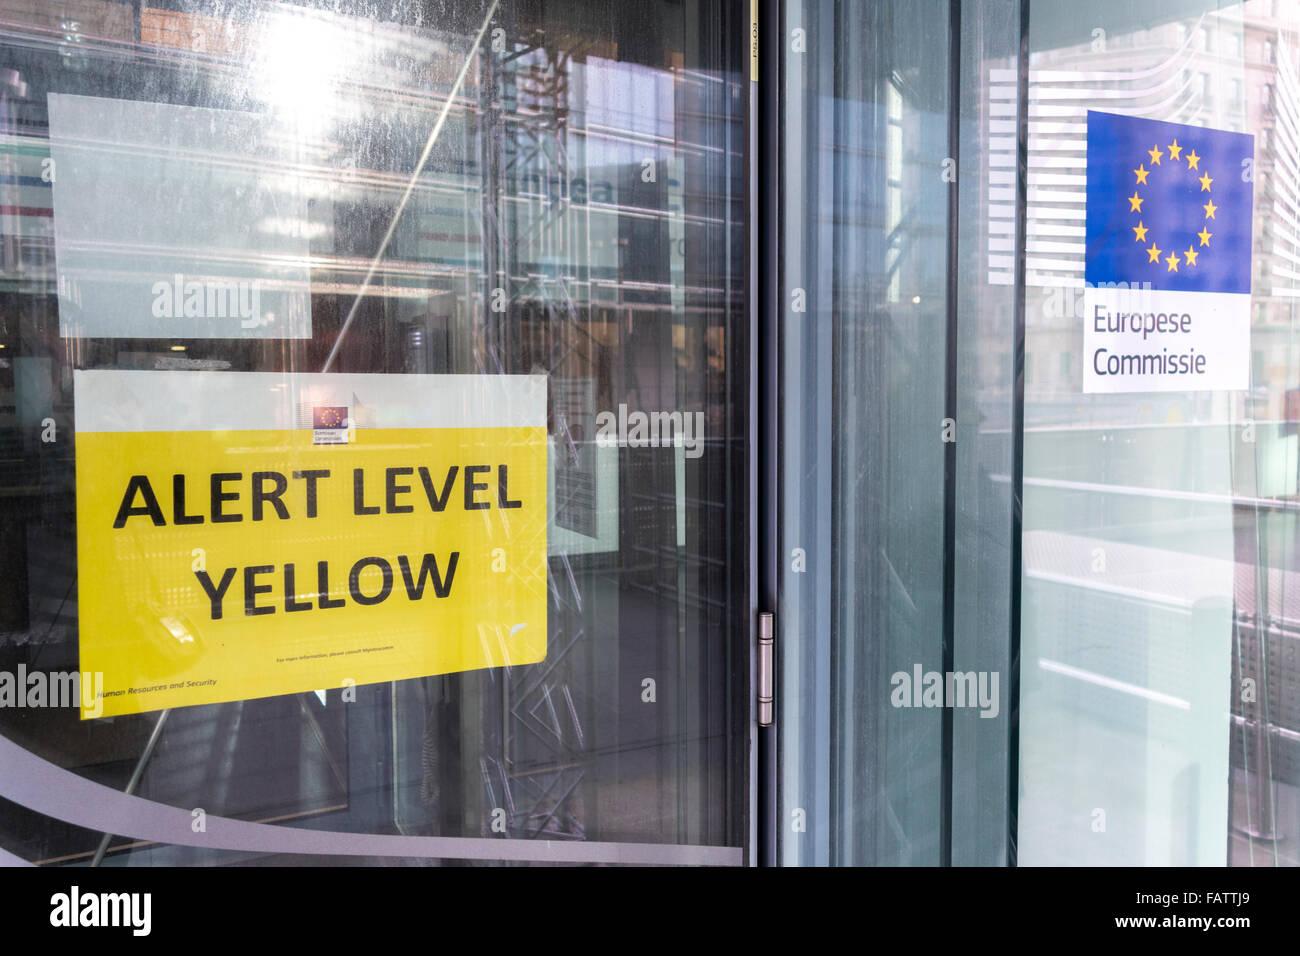 Bruselas, Comisión Europea. El edificio Charlemagne. Cartel a la entrada indicando la seguridad o amenaza terrorista Imagen De Stock